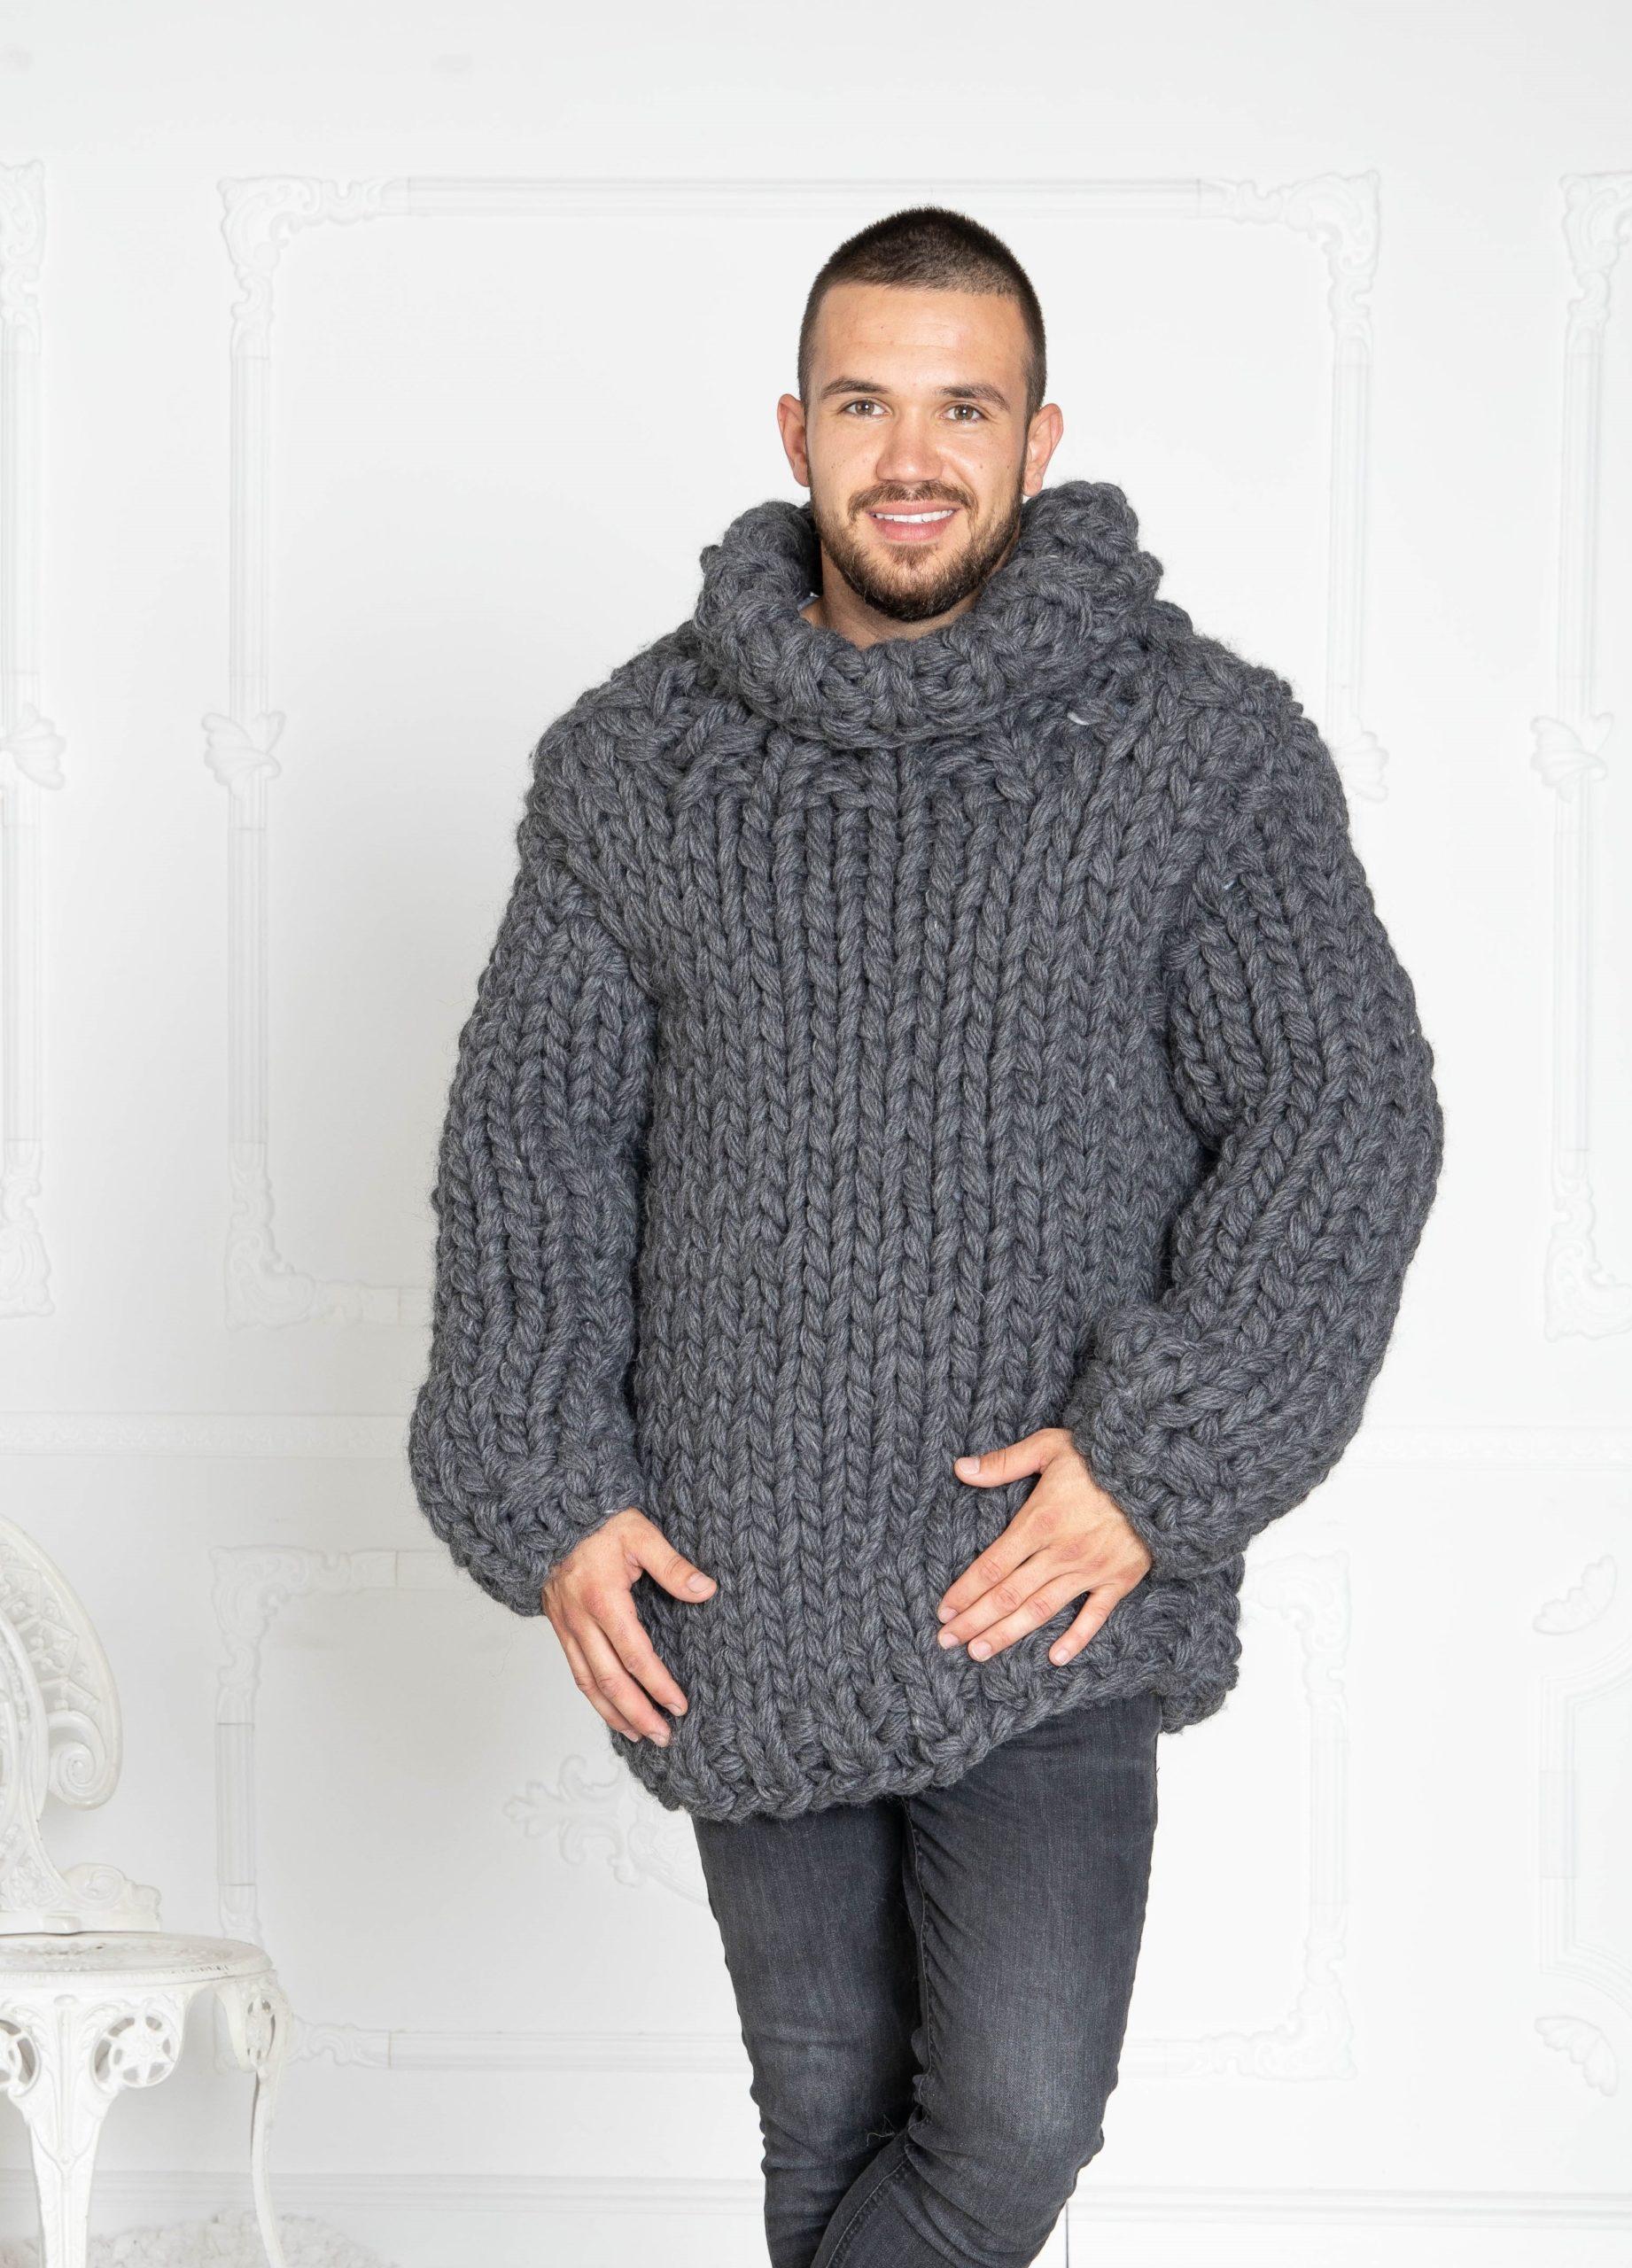 Gestrickte Pullover in grau für Männer